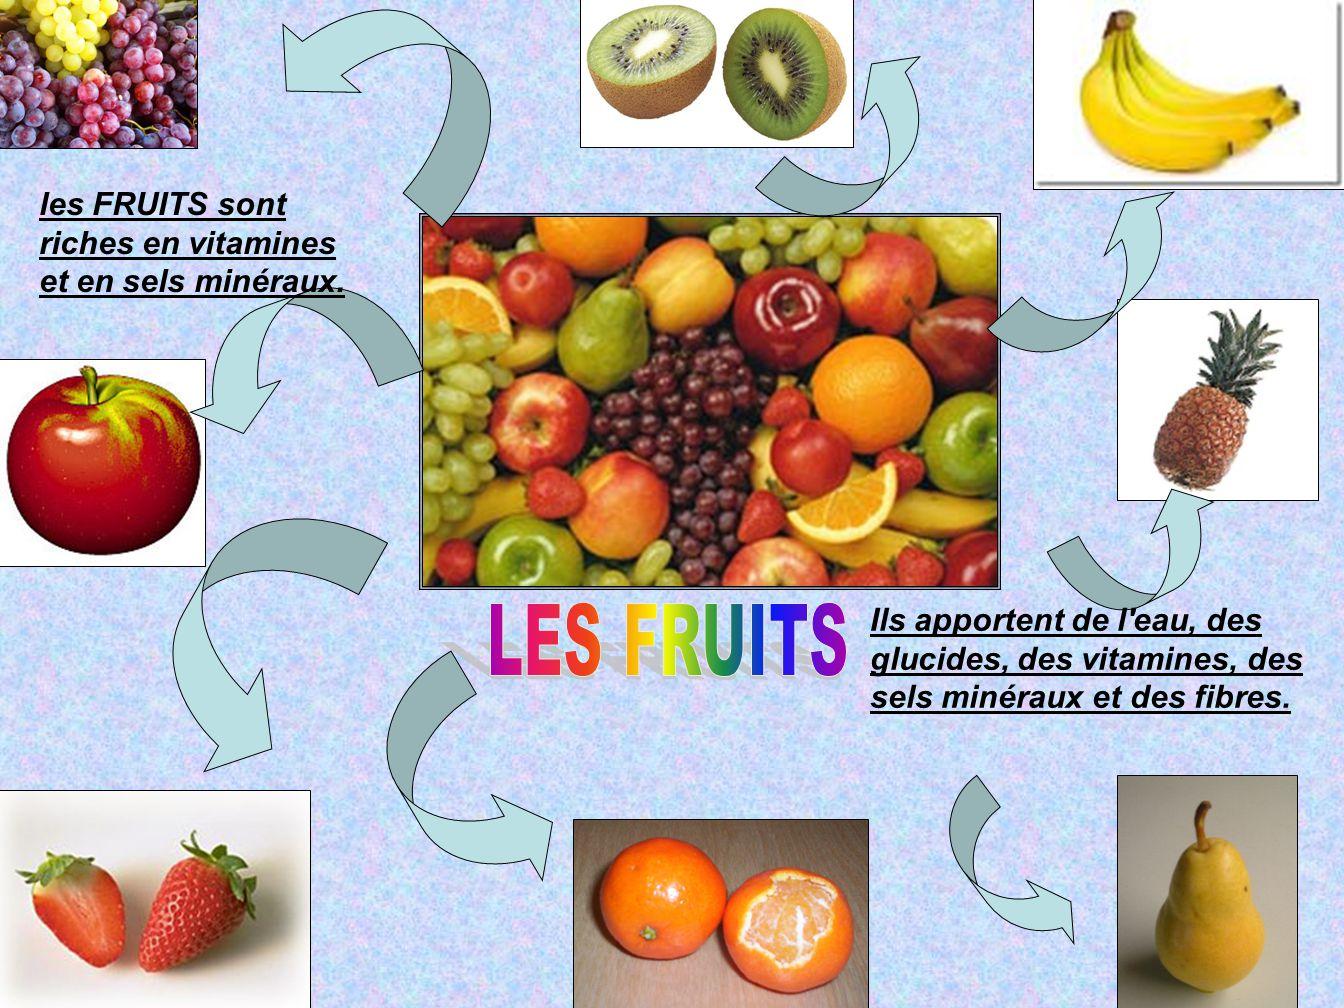 LES FECULENTS, ce sont tous les aliments comme les céréales ou les légumes secs qui contiennent une grande quantité de sucres lents.